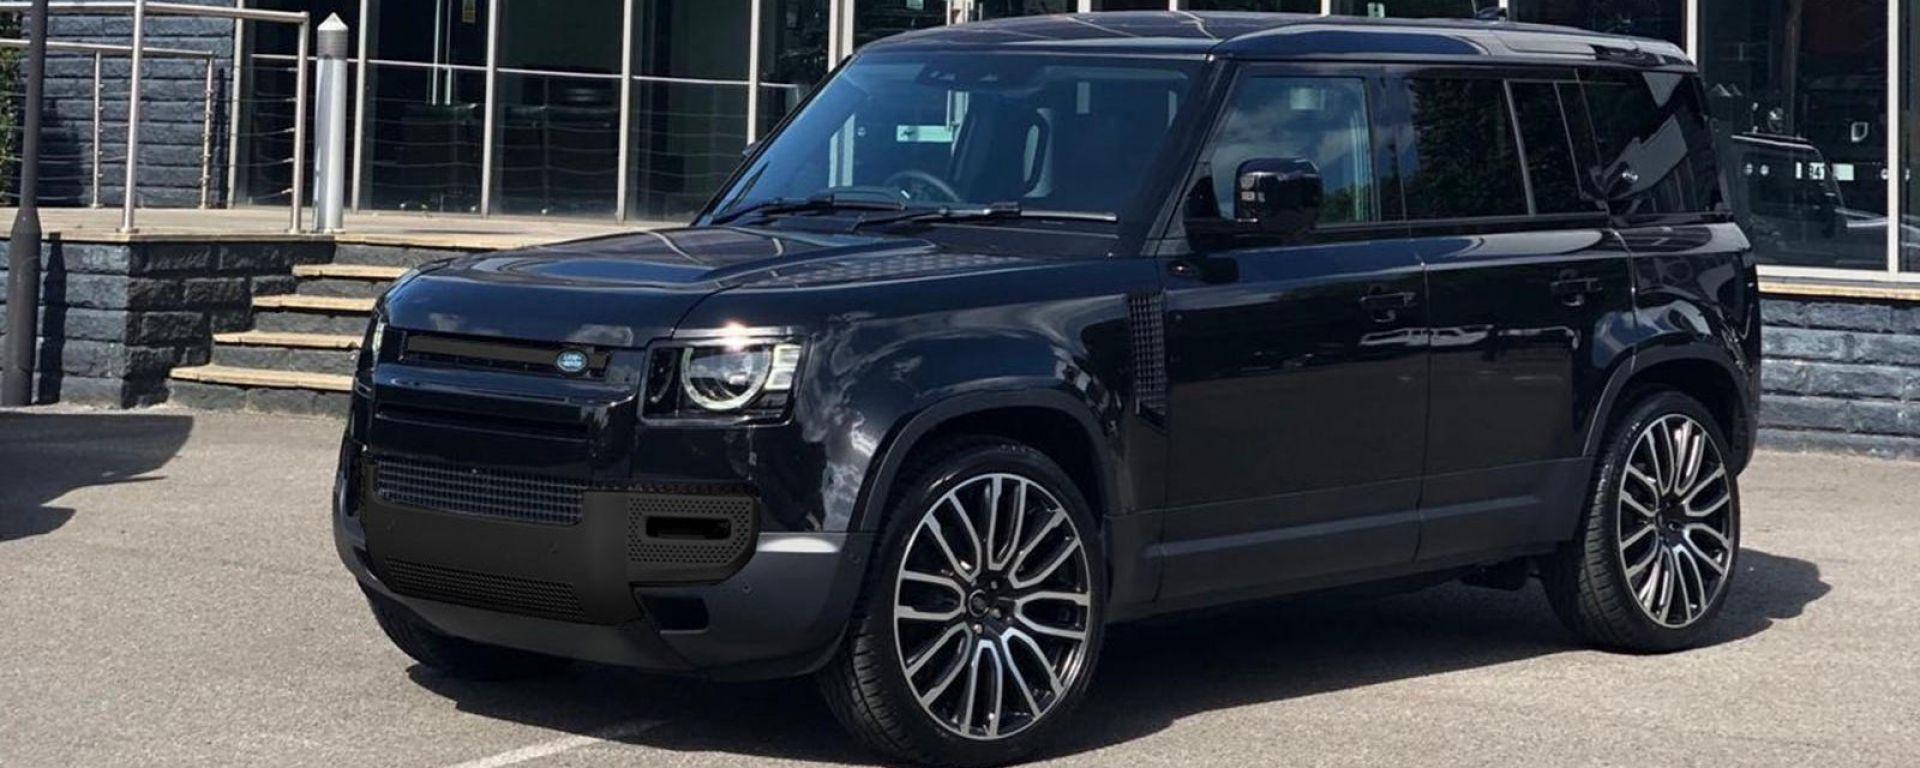 Land Rover Defender 2020, ecco il kit in fibra di carbonio